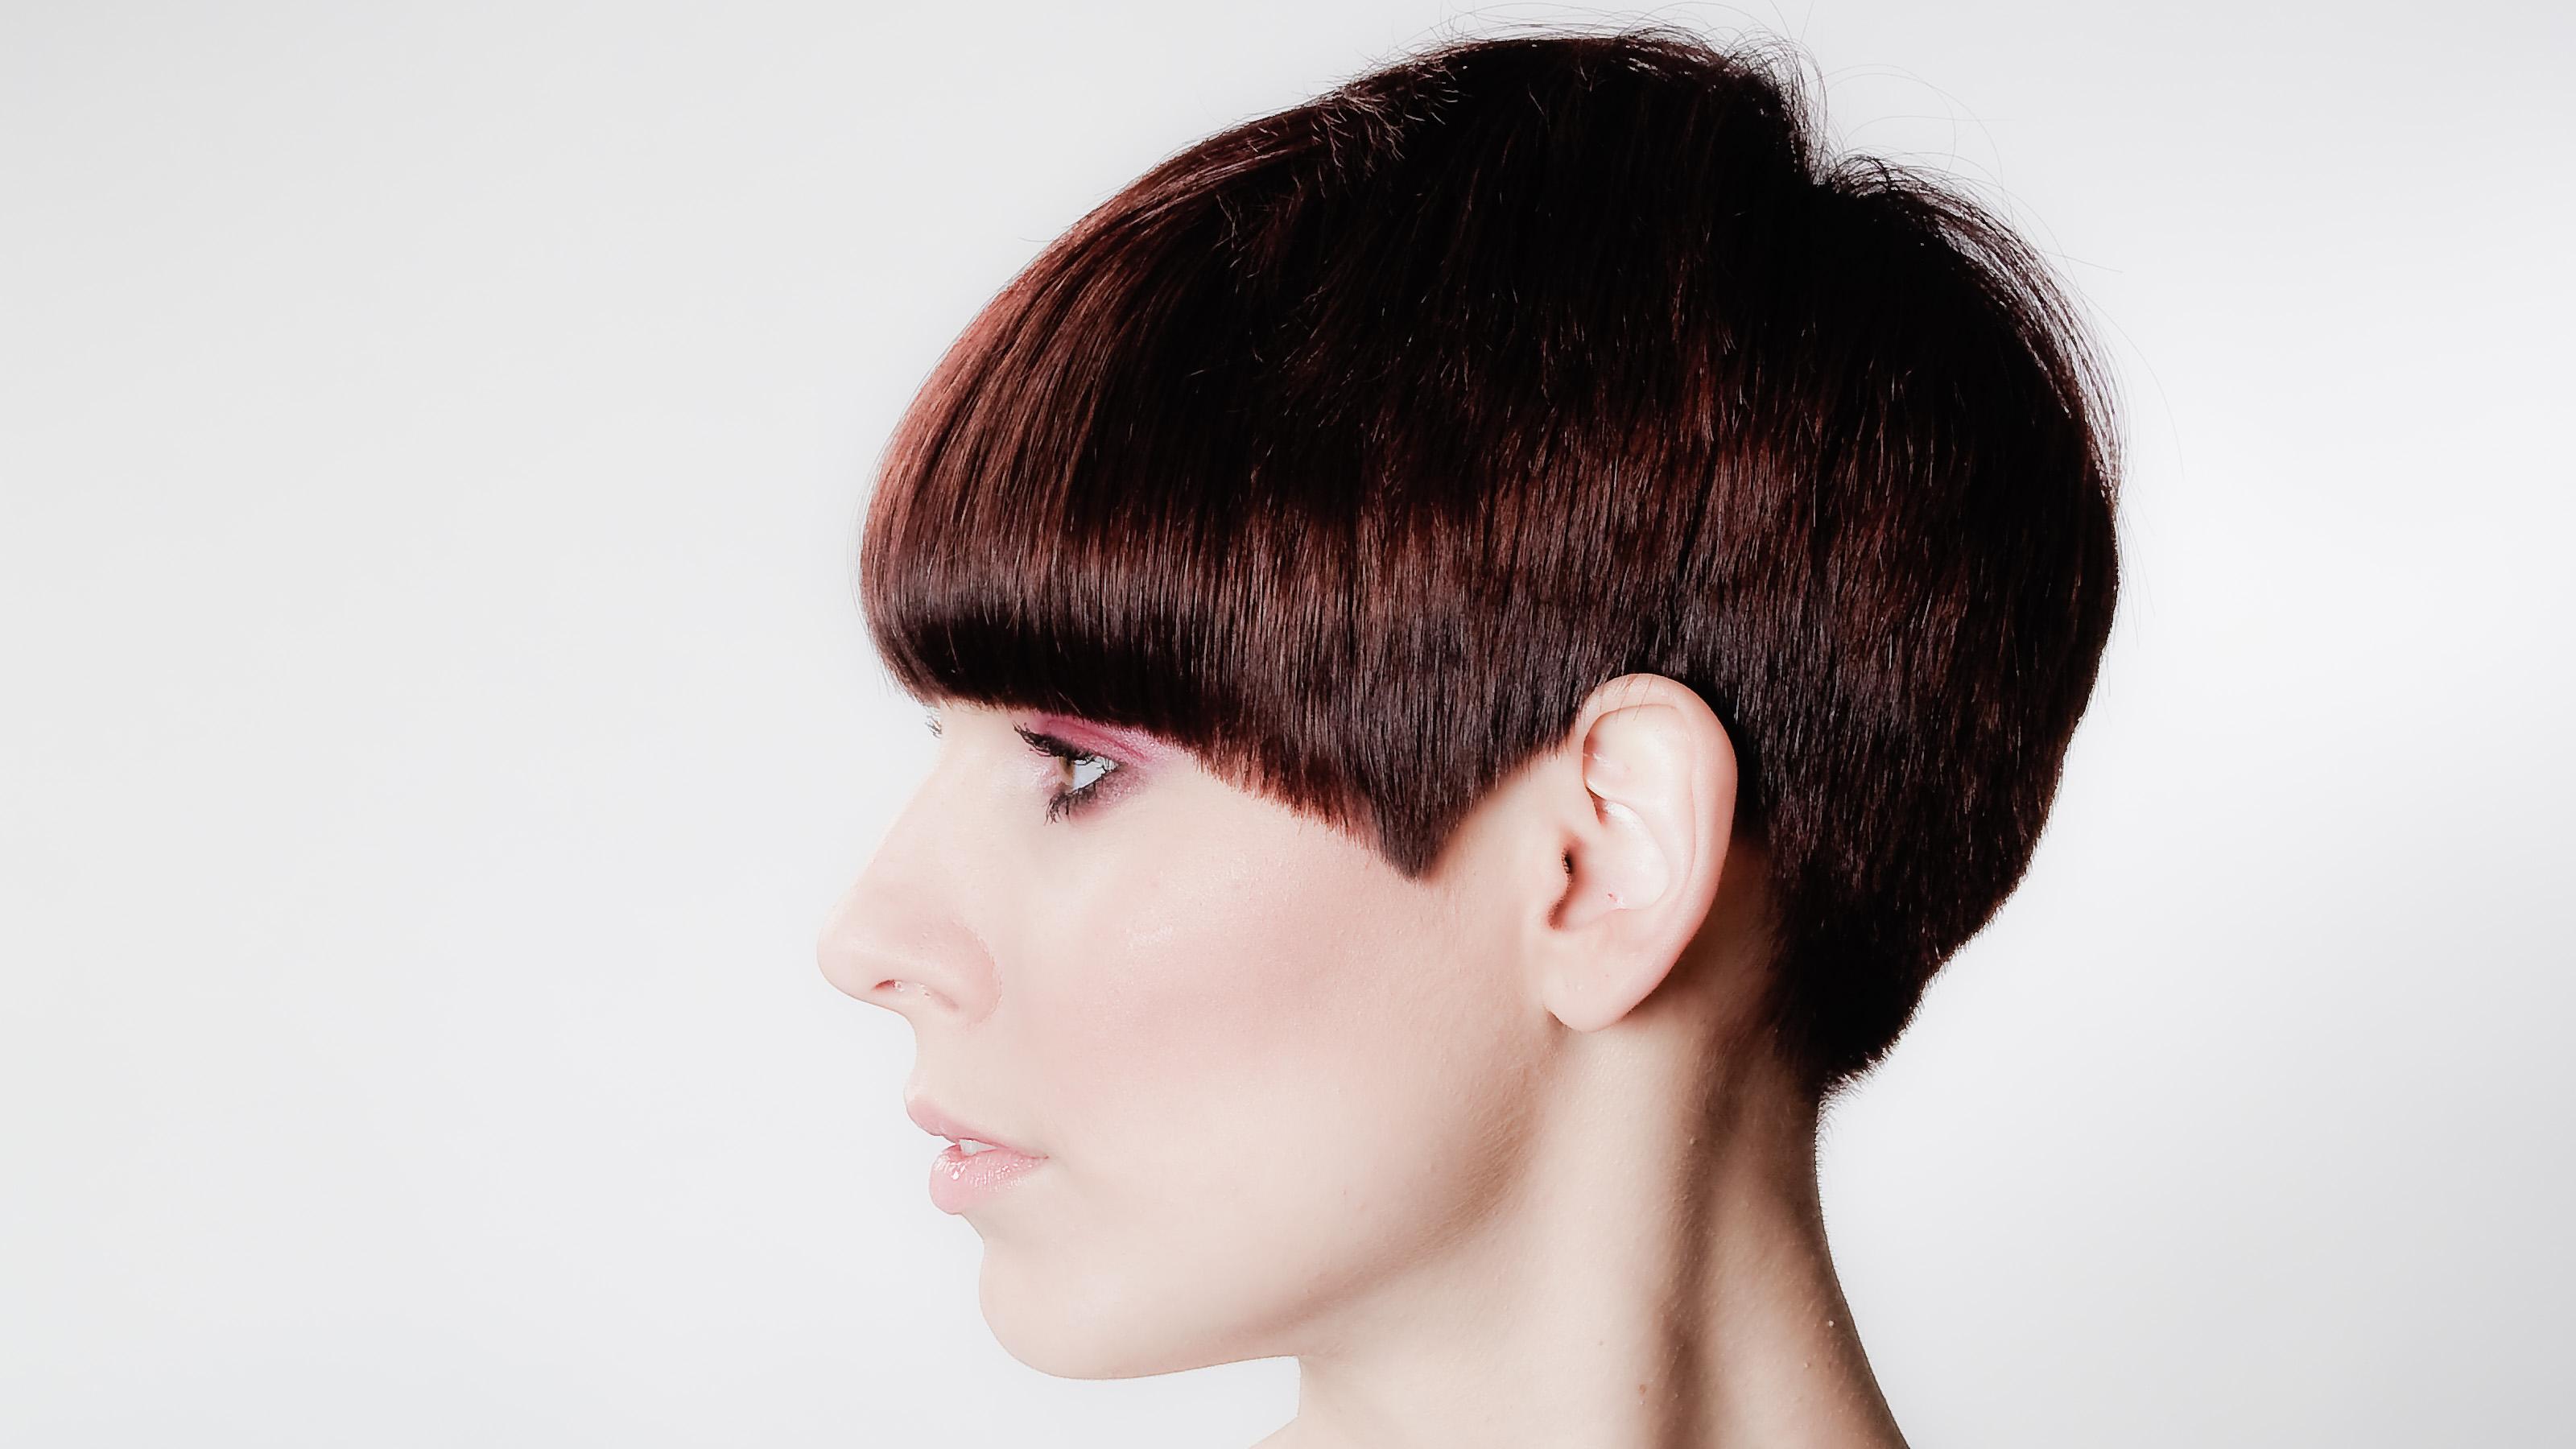 image94-1 | Модные женские стрижки на короткие волосы: основные правила и варианты исполнения